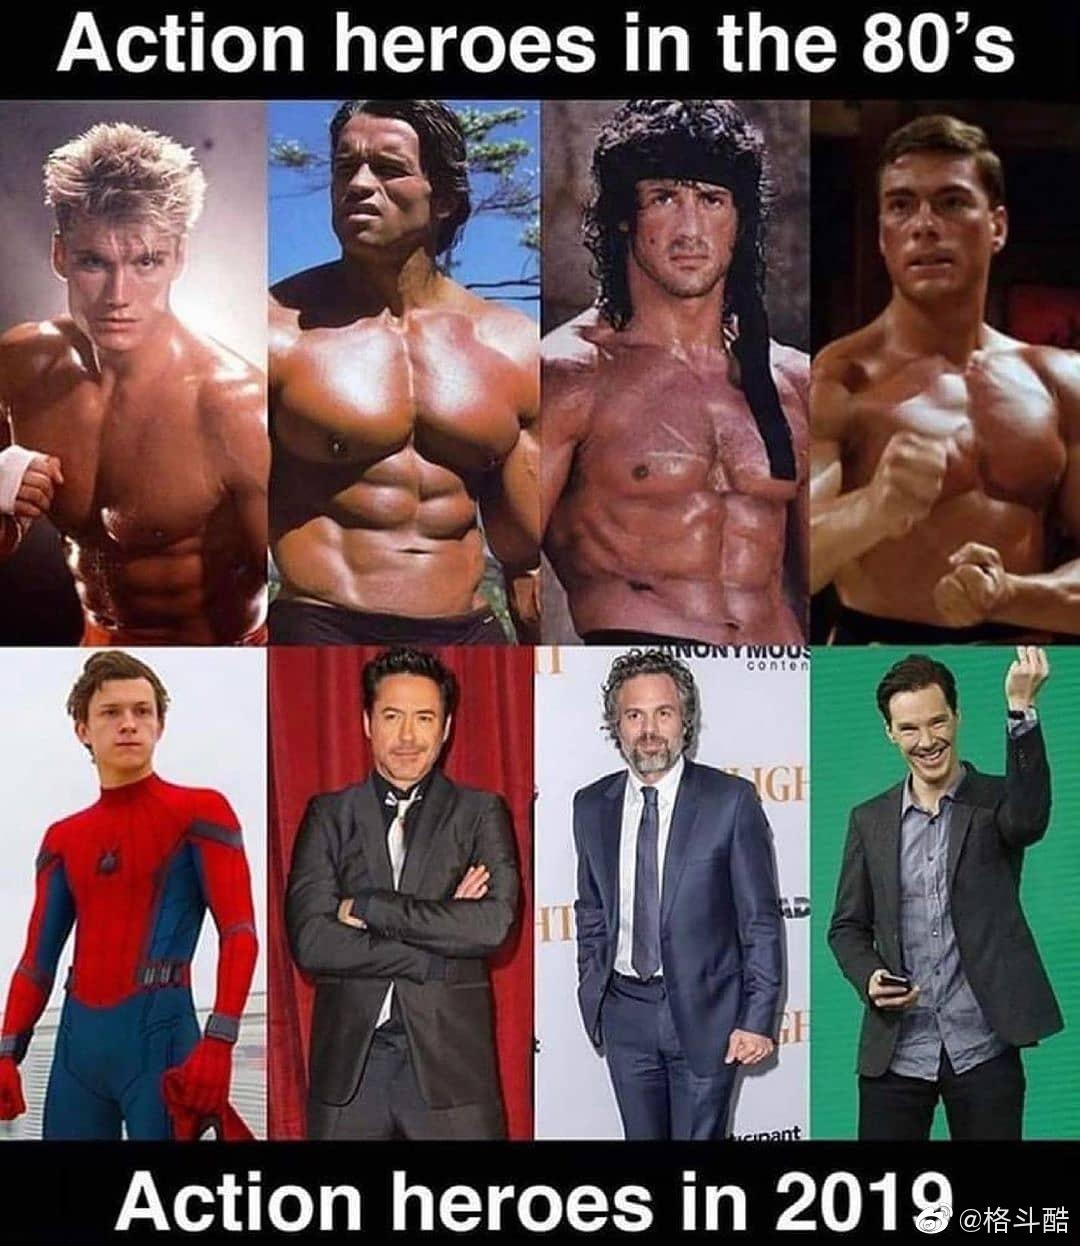 影视资讯1980年代的影视英雄与2019年的影视英雄对比...